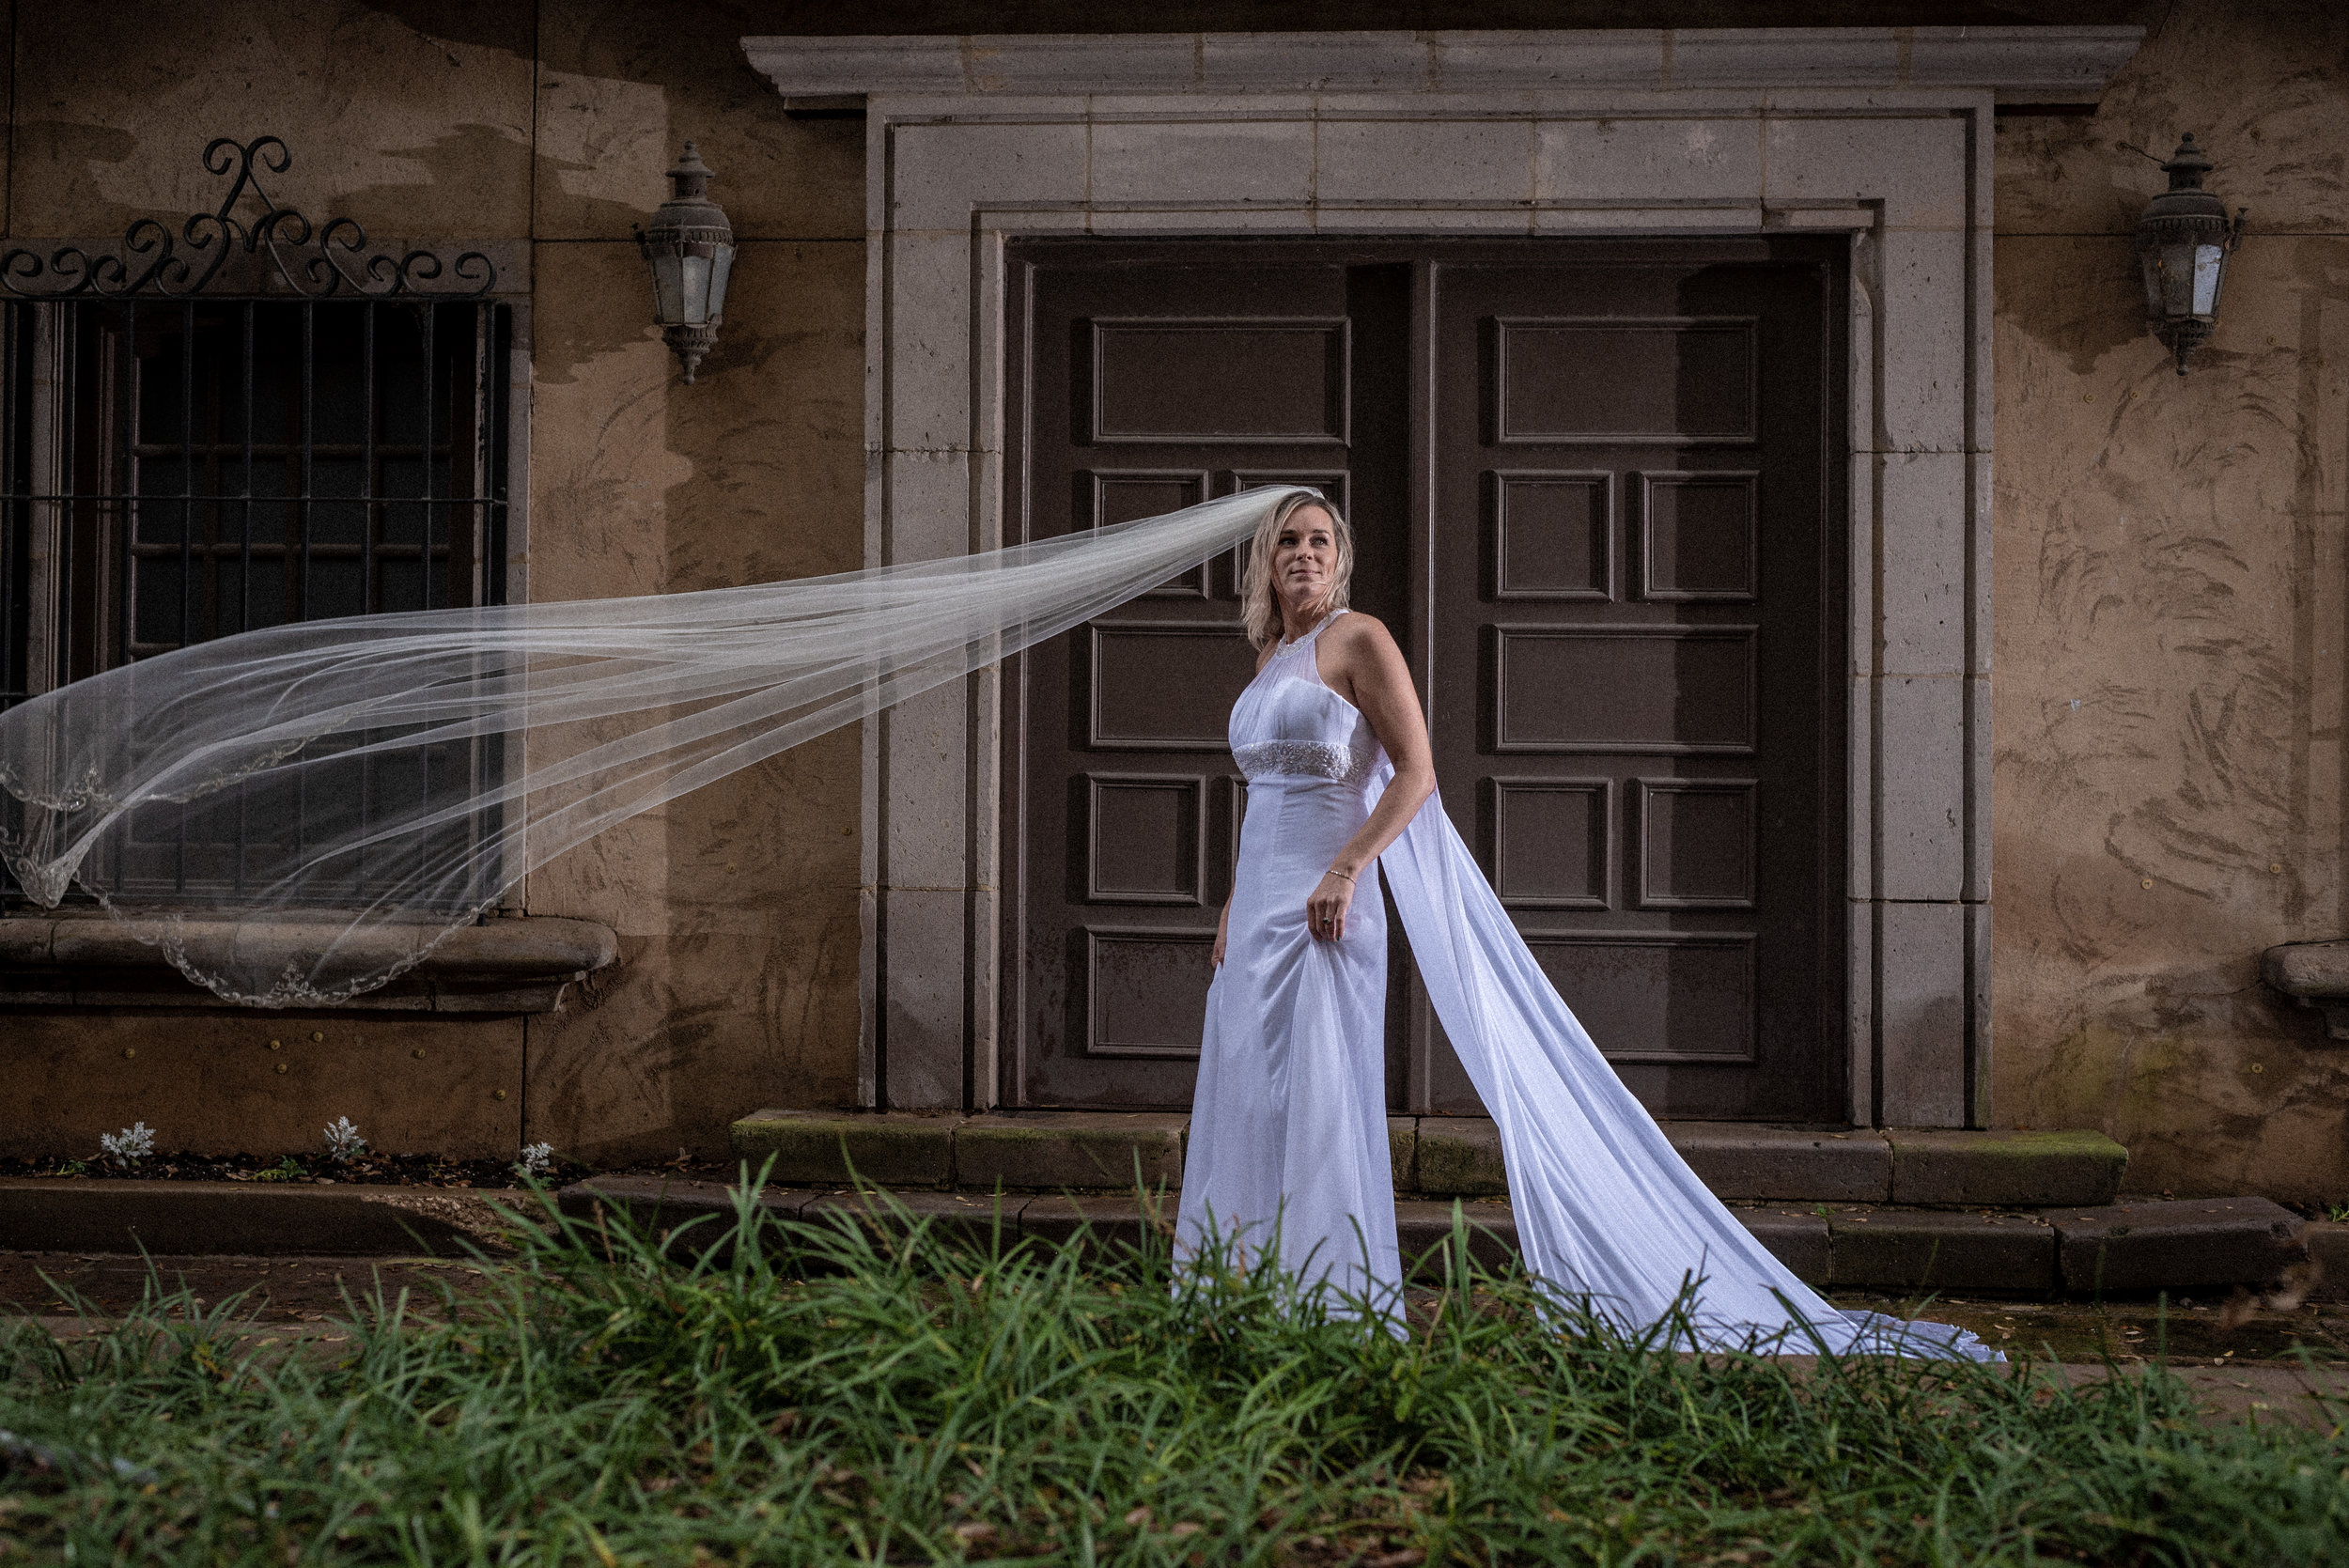 Wedding-Photographer-Dallas-Terry-McCranie-Sallee-Workshop-4.jpg